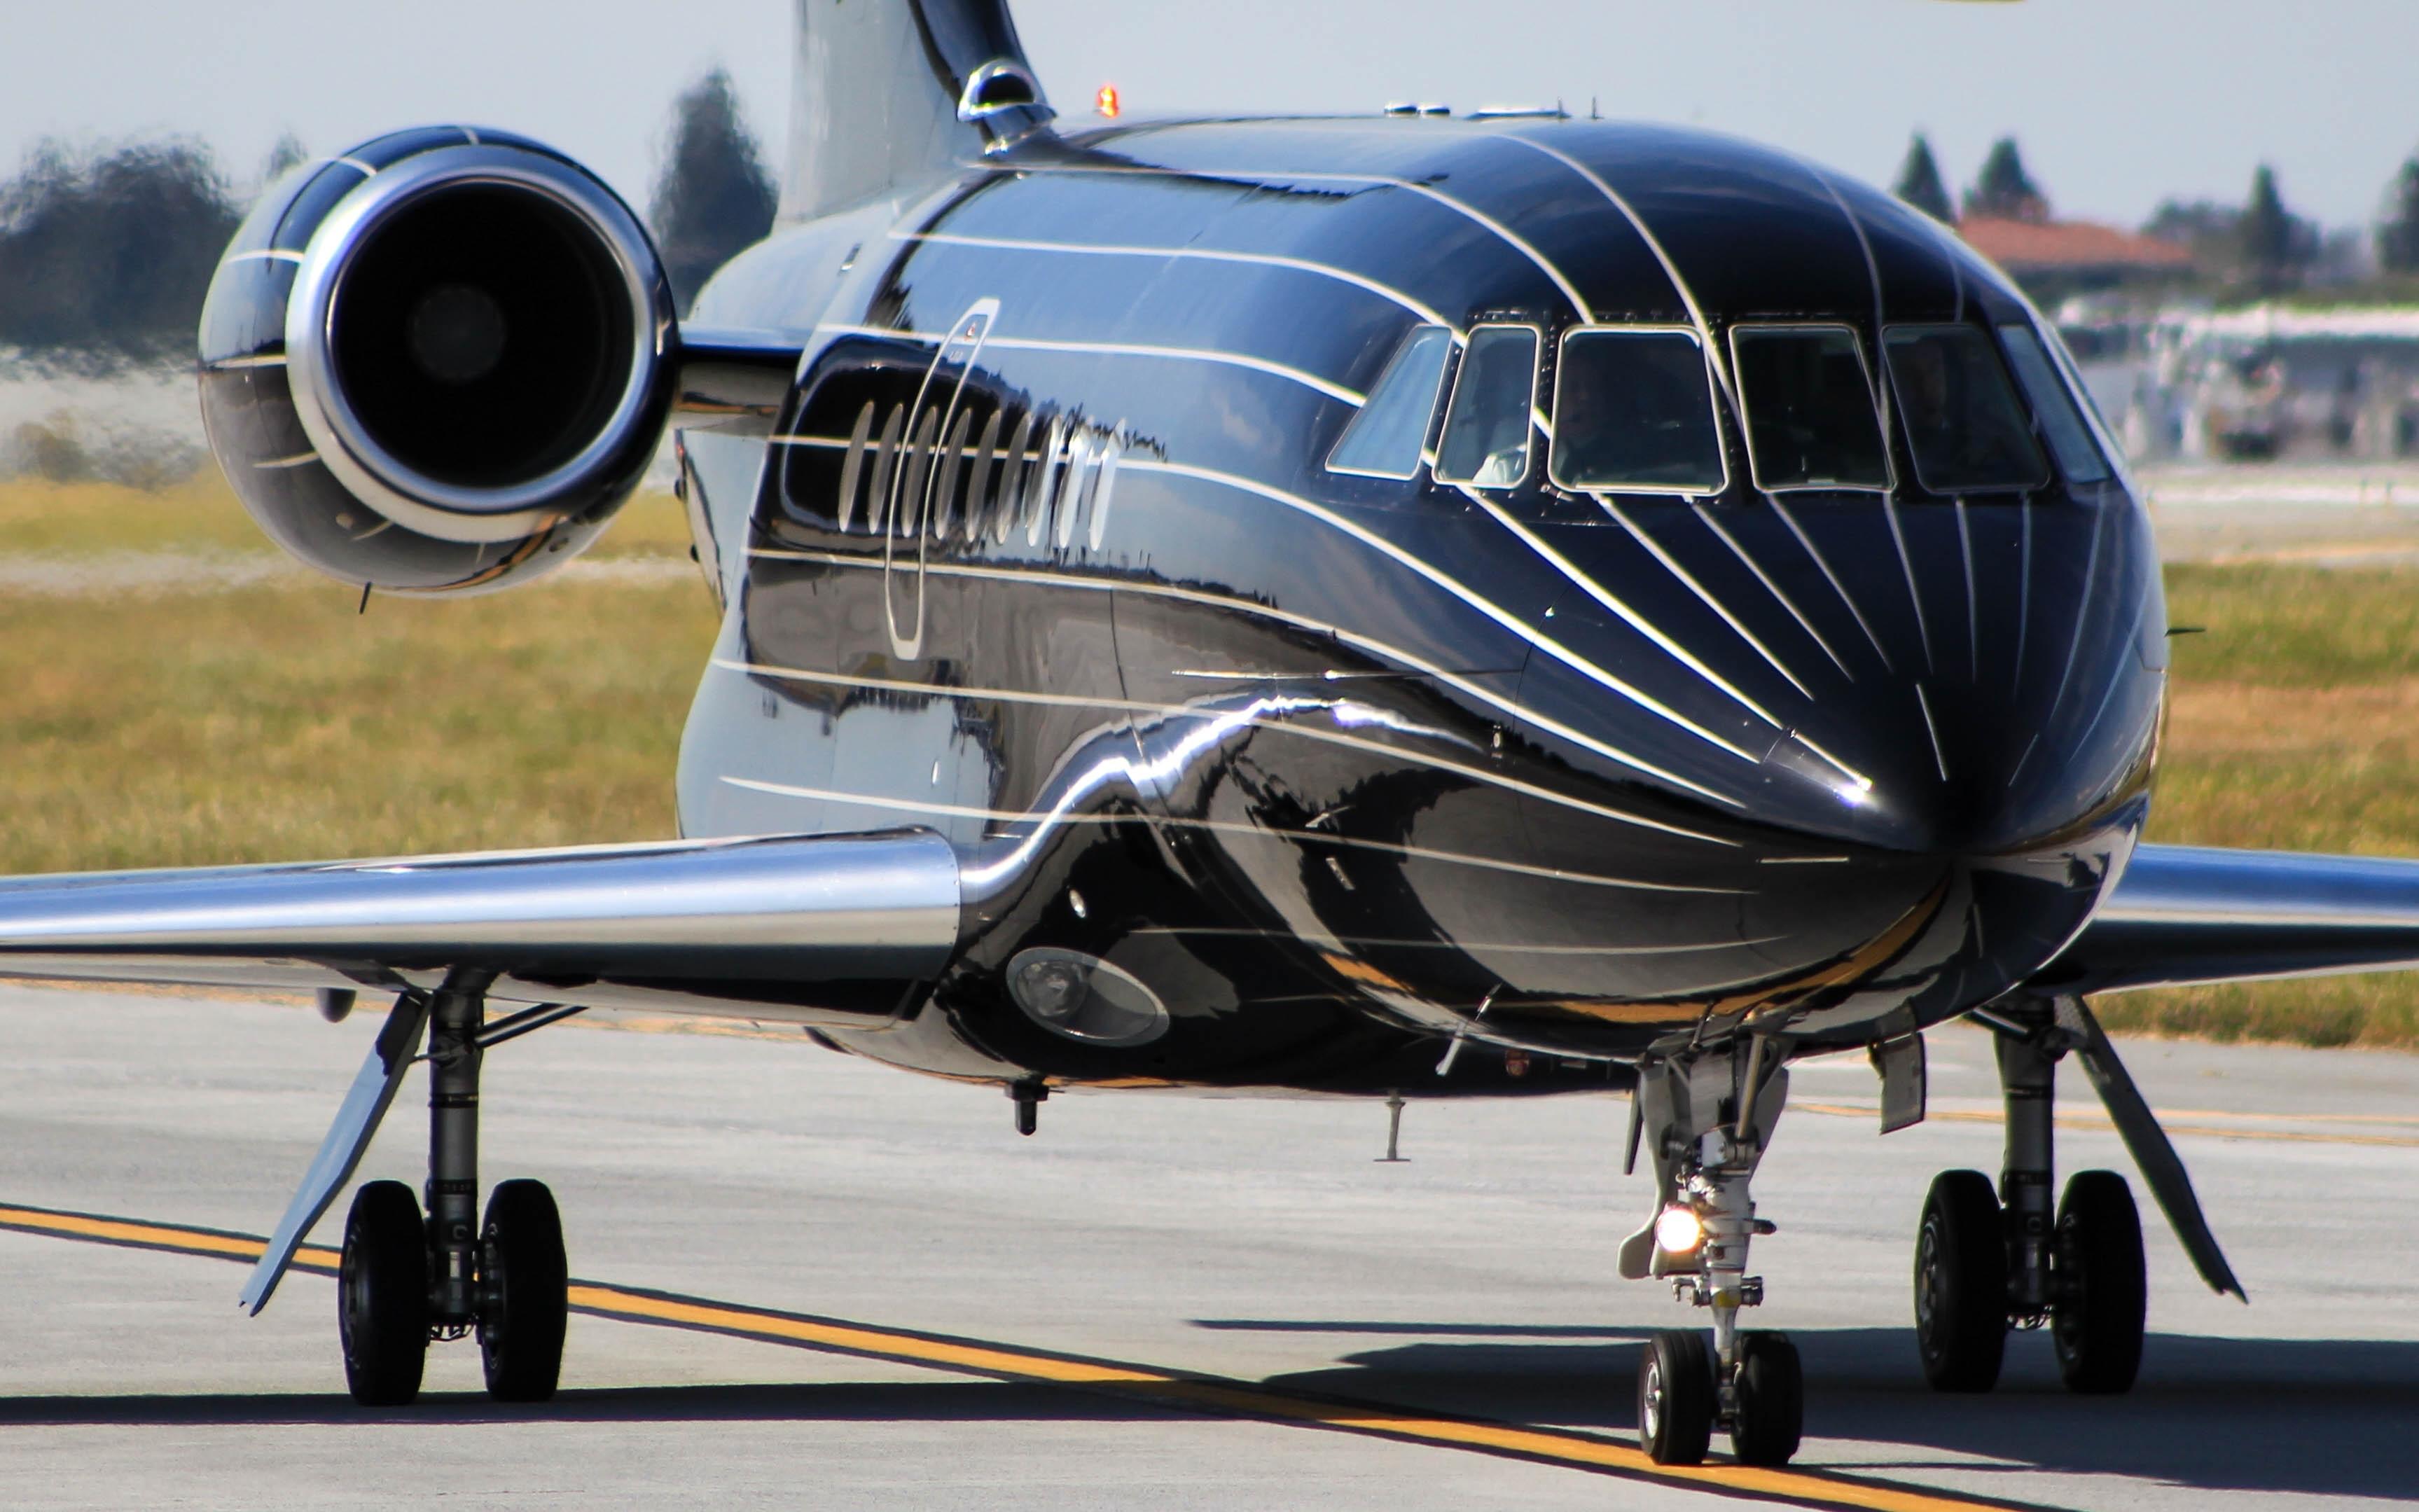 Falcon Aereo Privato : Sfondi aereo privato aeroporto san jose jet